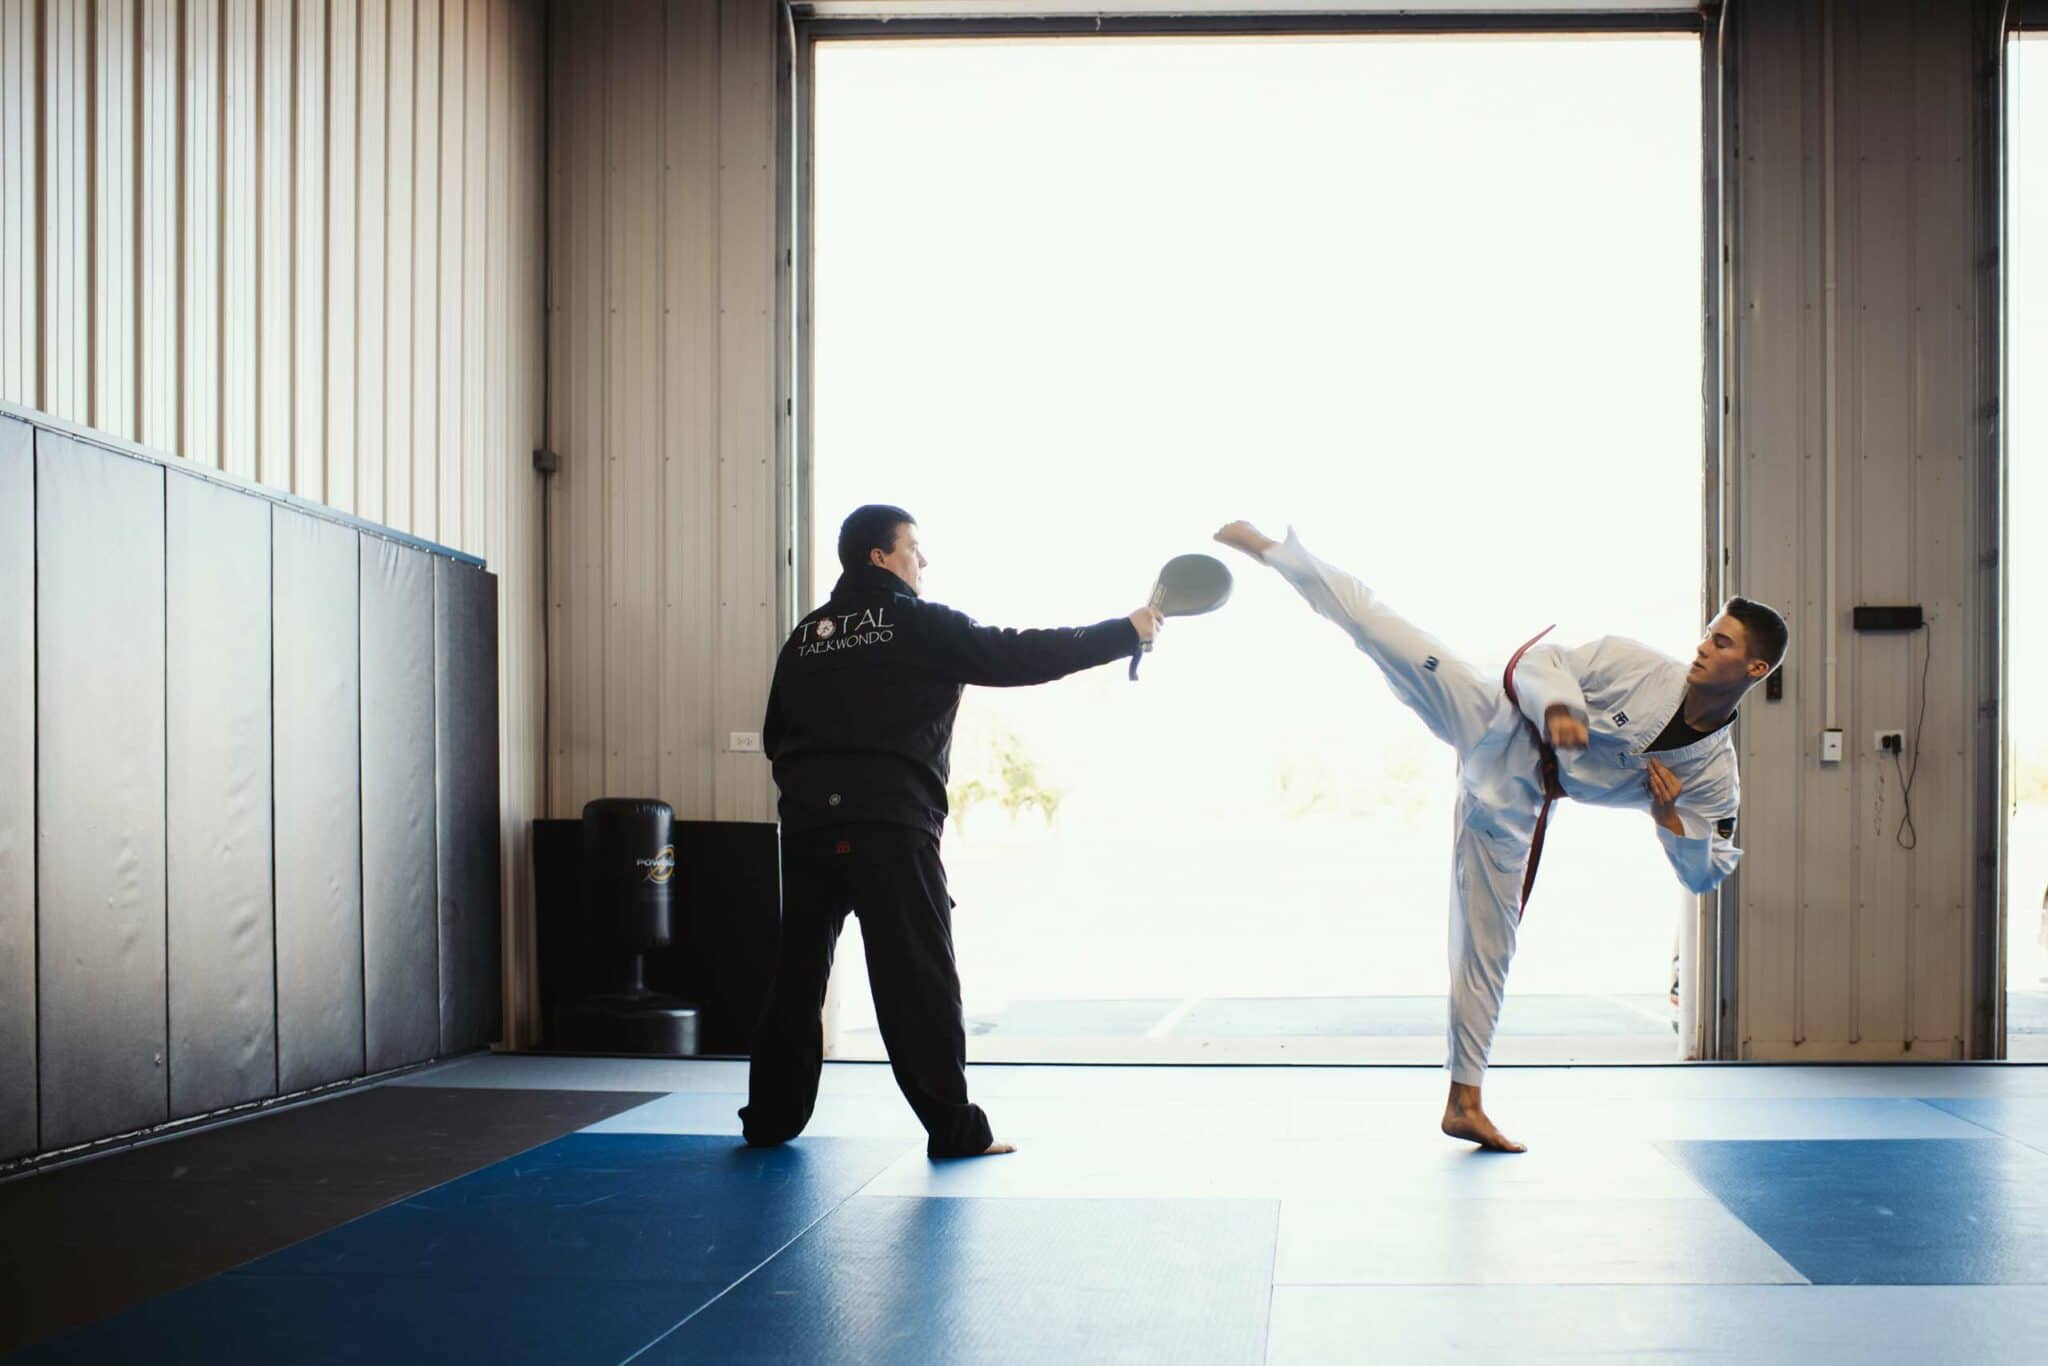 Total Taekwondo Tournament Team Classes